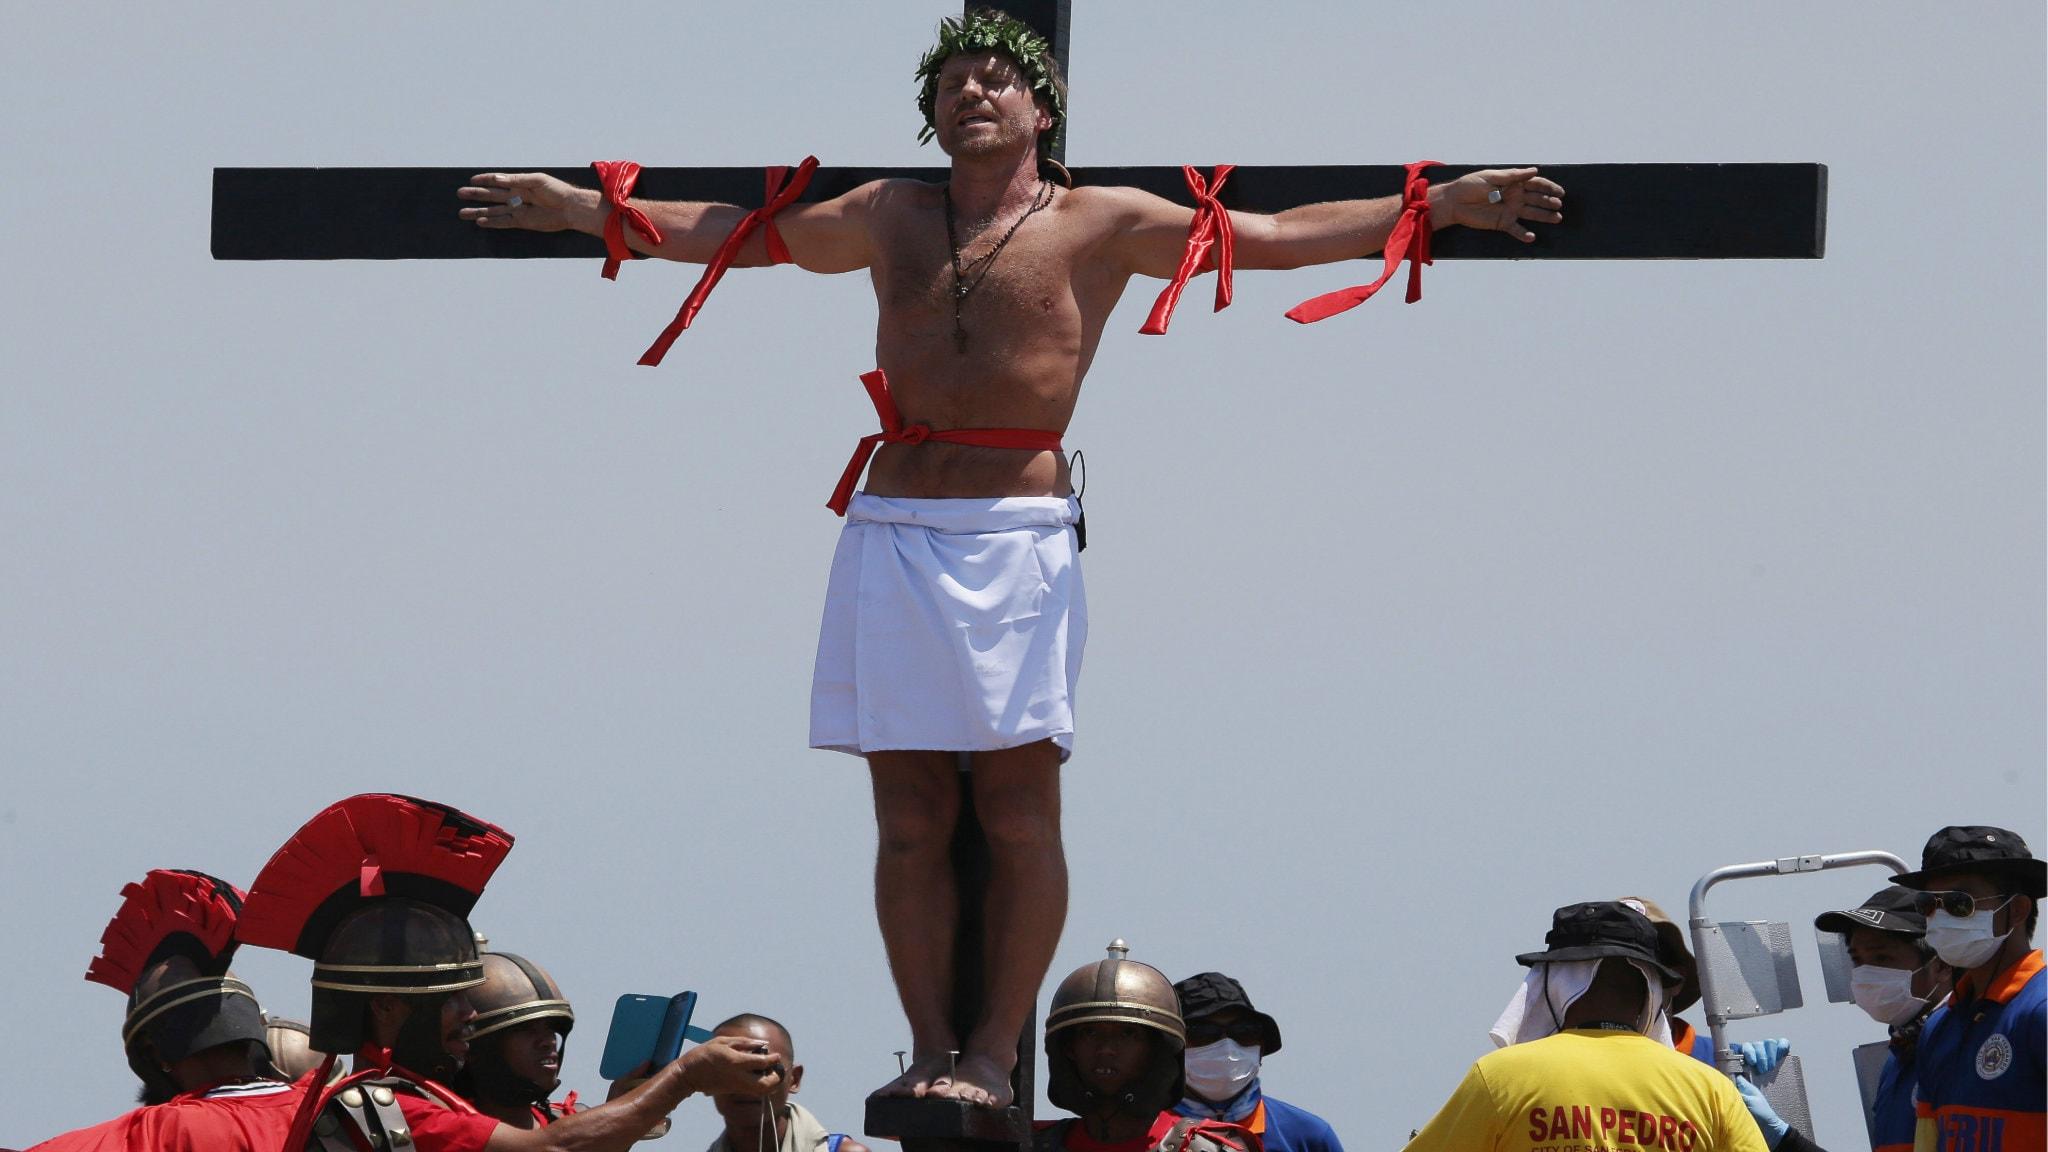 Lasse Spang Olsen lät sig korsfästas i Filippinerna på långfredagen 2014. Foto: TT / Aaron Favila